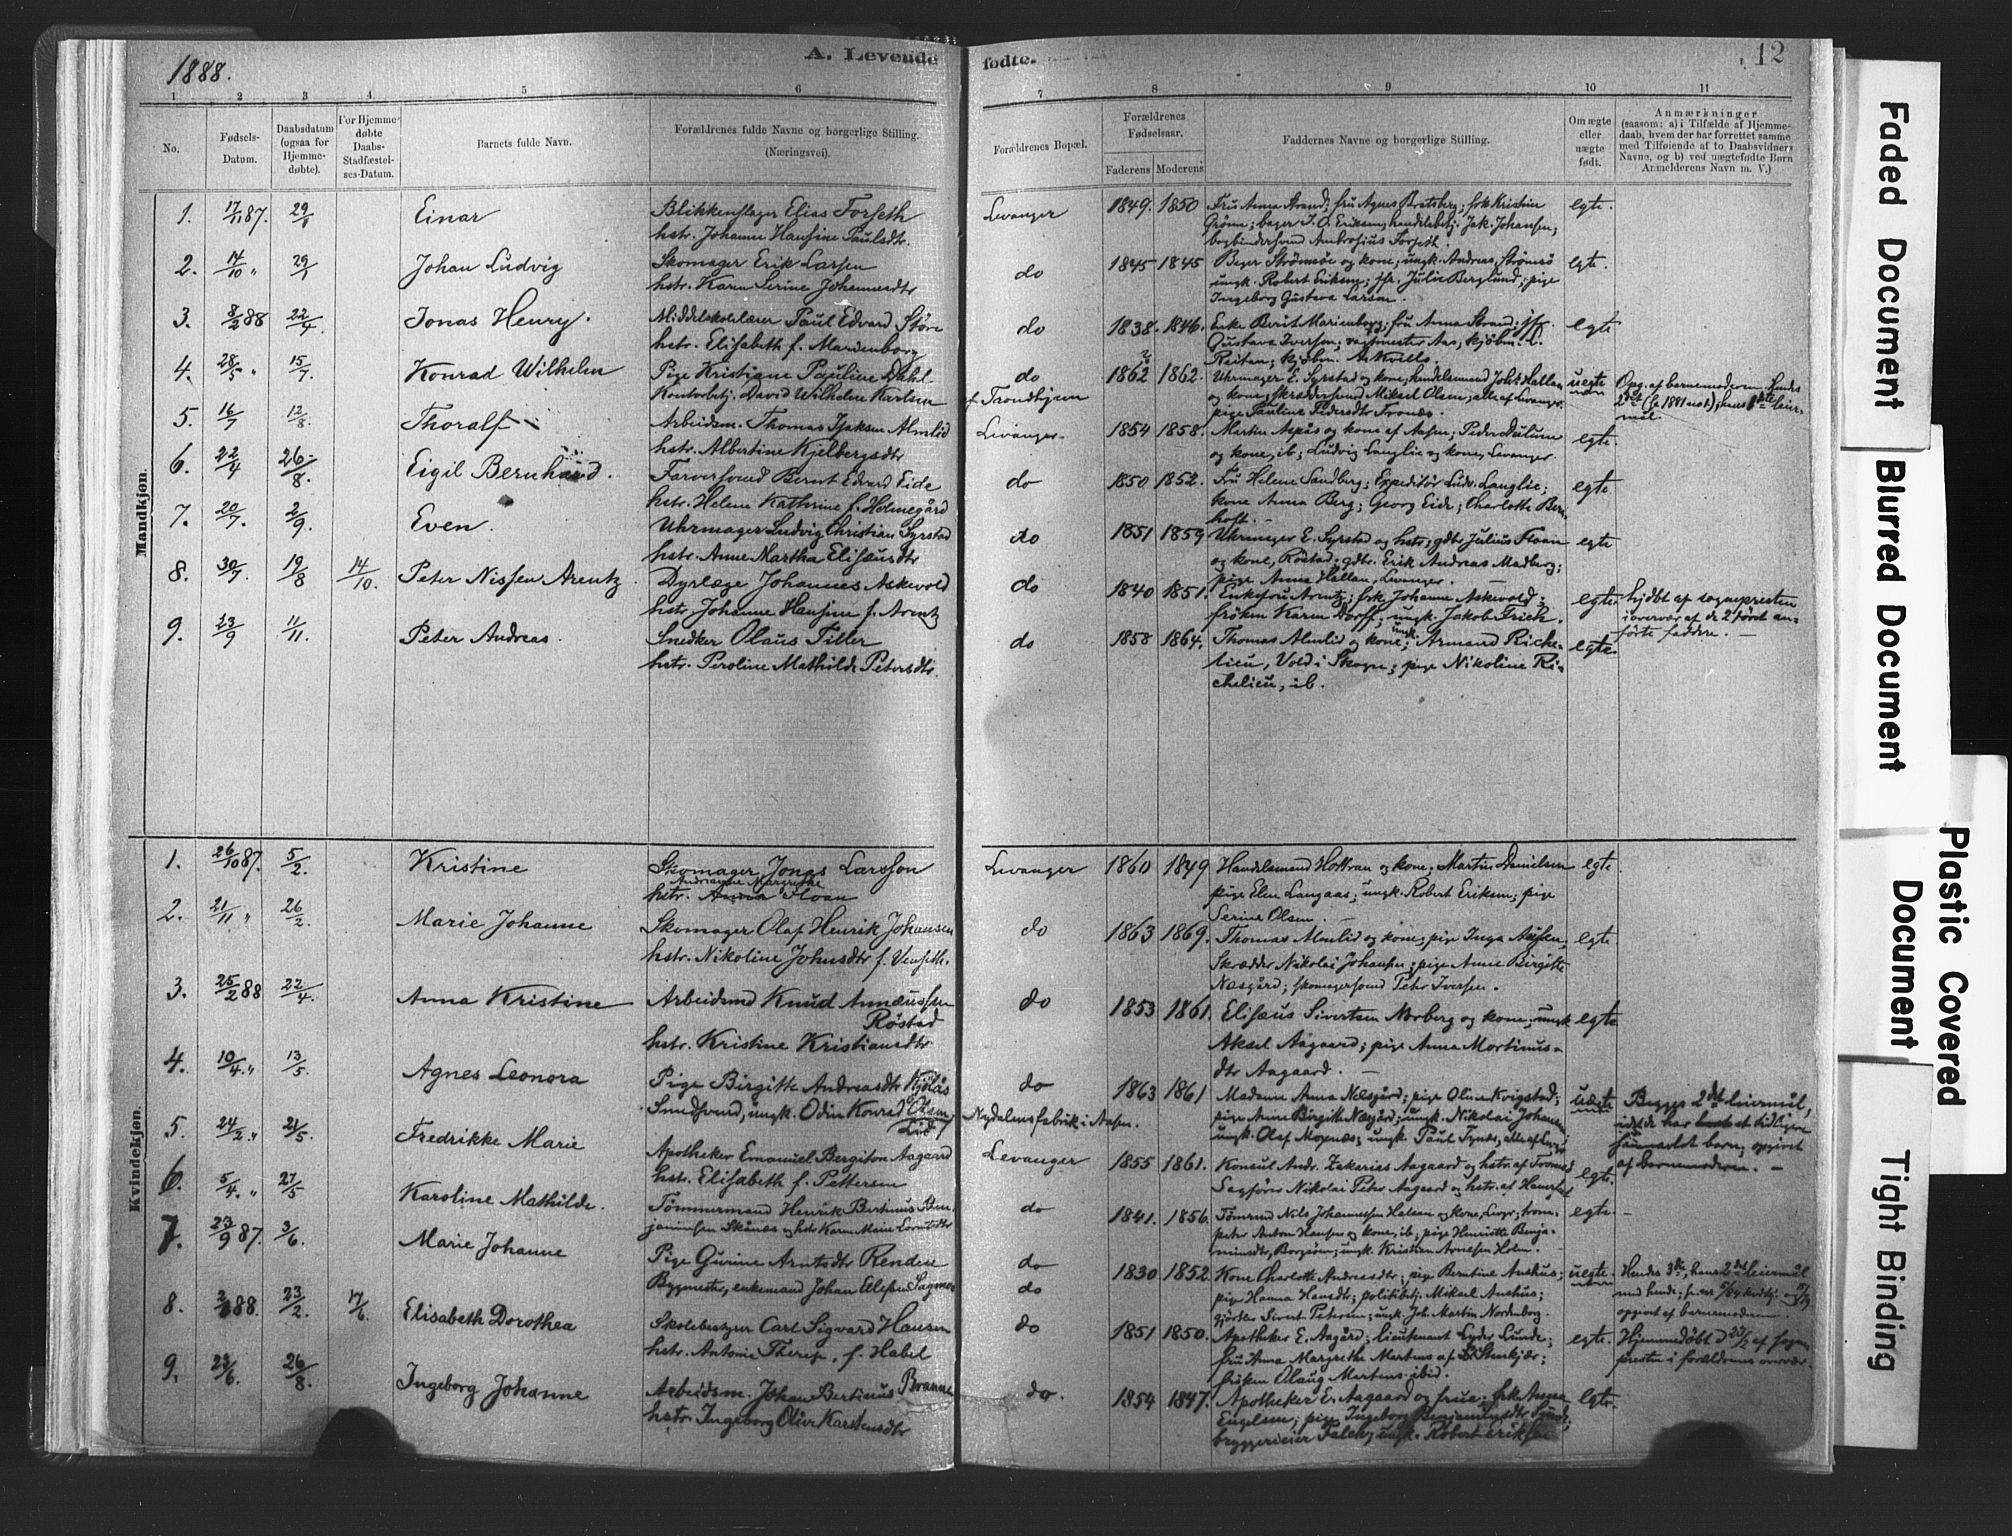 SAT, Ministerialprotokoller, klokkerbøker og fødselsregistre - Nord-Trøndelag, 720/L0189: Ministerialbok nr. 720A05, 1880-1911, s. 12